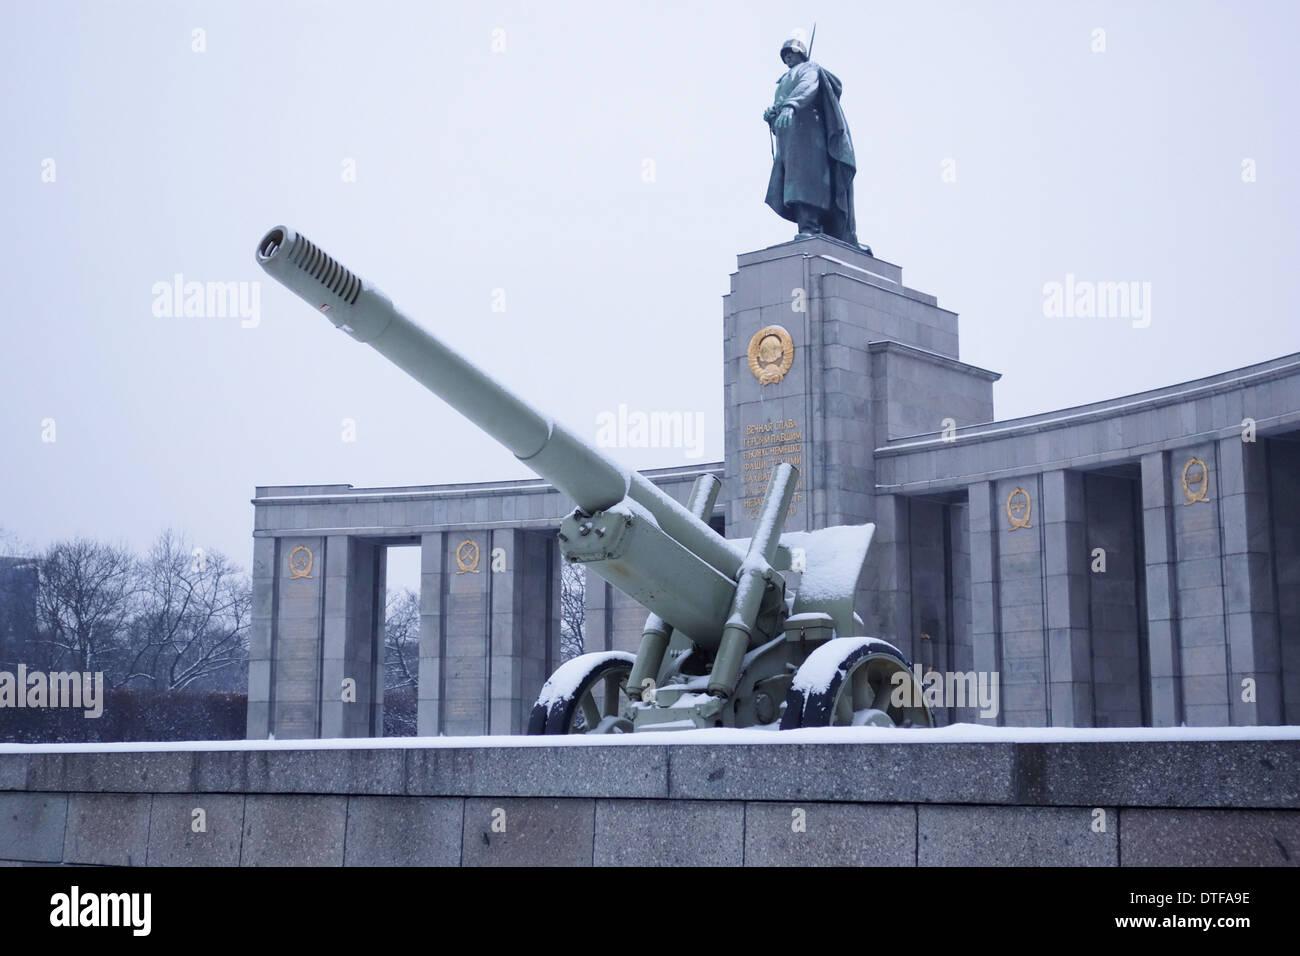 Berlin, Deutschland - 27. Januar 2014: Schnee in das Sowjetische Ehrenmal im Tiergarten, Berlin. Stockfoto